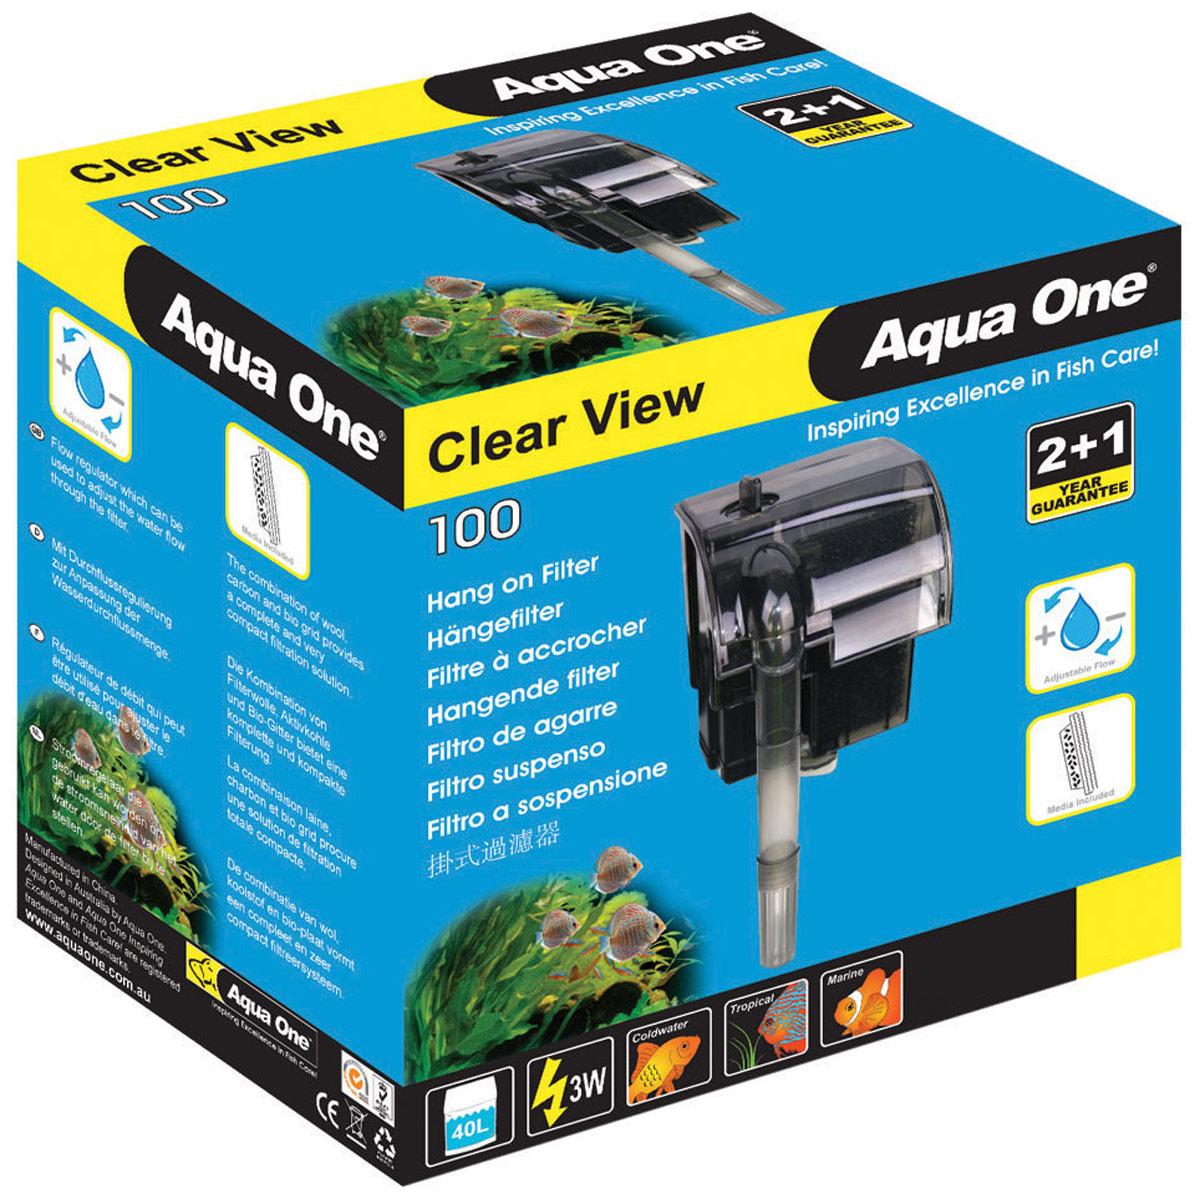 Фильтр Aqua One ClearView 100, рюкзачный, до 40 л, 180 л/ч, 3W sd one 36